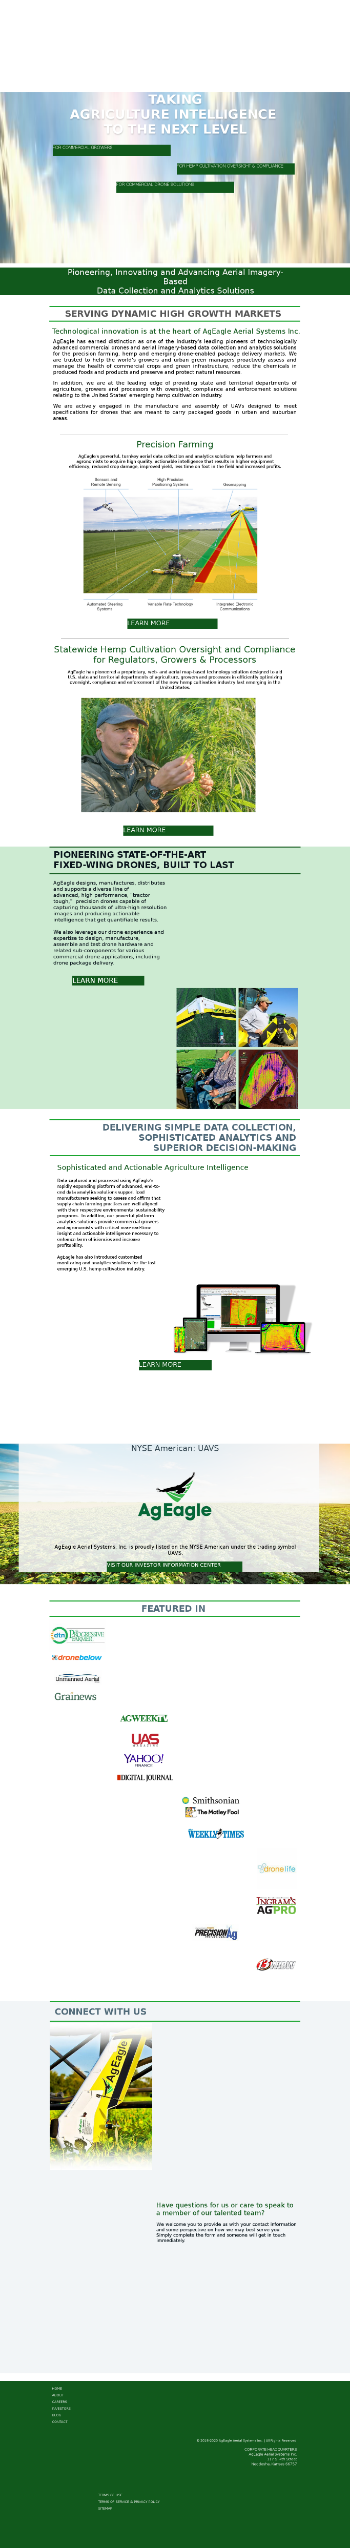 AgEagle Aerial Systems, Inc. Website Screenshot